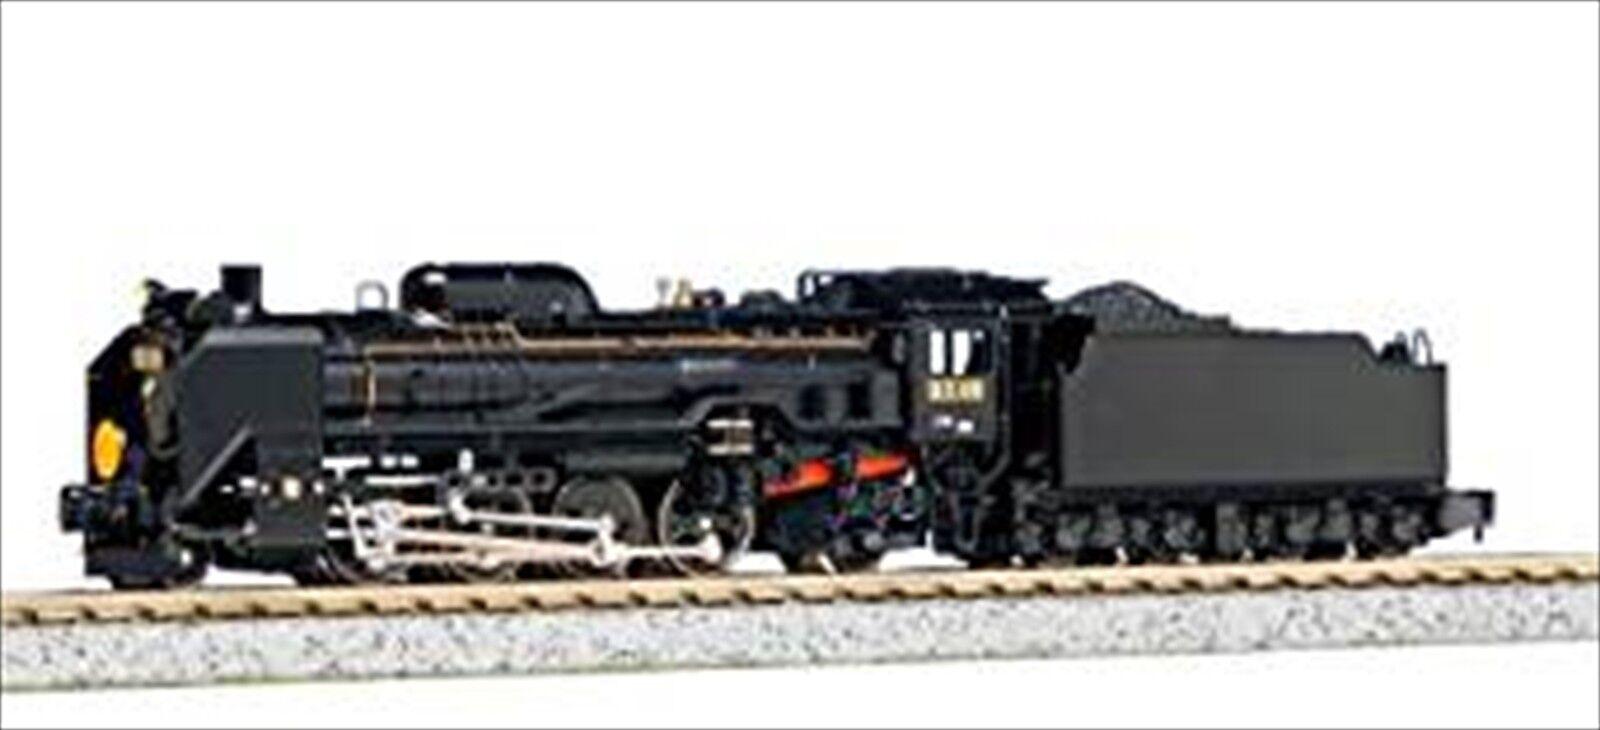 KATO N-Scale 2016-1 D51 498 Orient Express88 type Steam Steam Steam Locomotive Japan NEW 371bb3